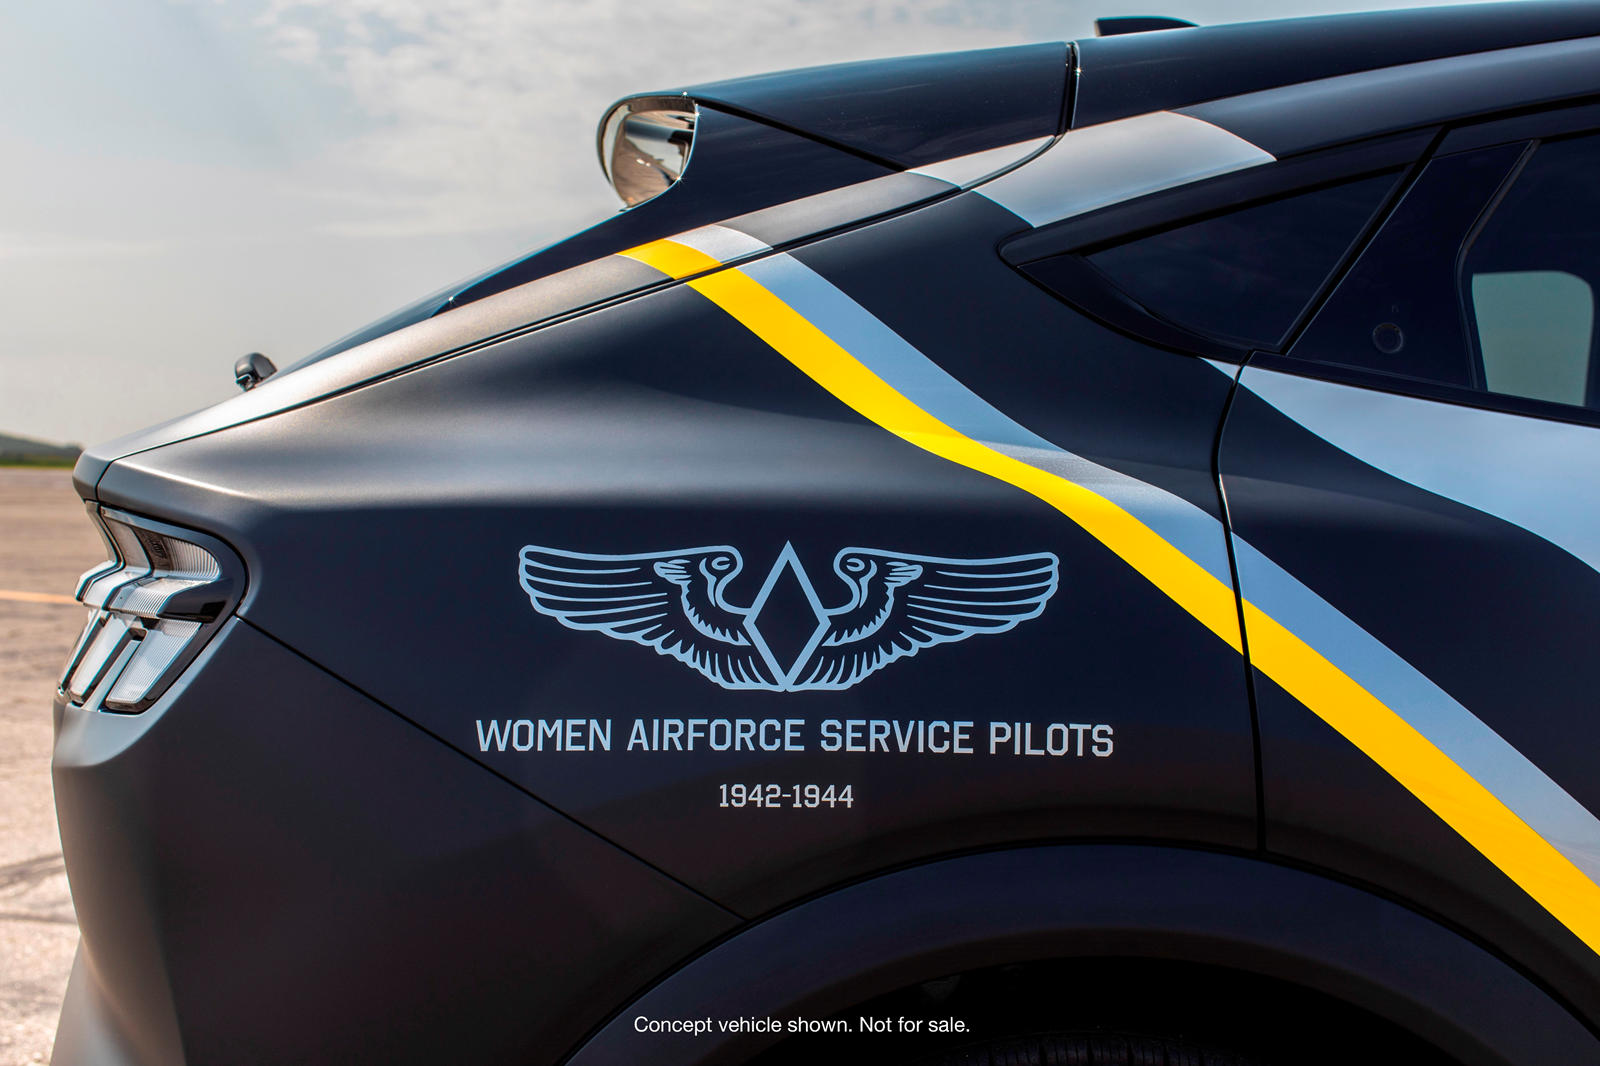 Доходы от этого аукциона пойдут на помощь молодежи, не получающей должного медицинского обслуживания, и молодым женщинам, которые хотят сделать карьеру в авиации. Ford ранее пожертвовал 12 автомобилей авиационной тематики в поддержку AirVenture, в то